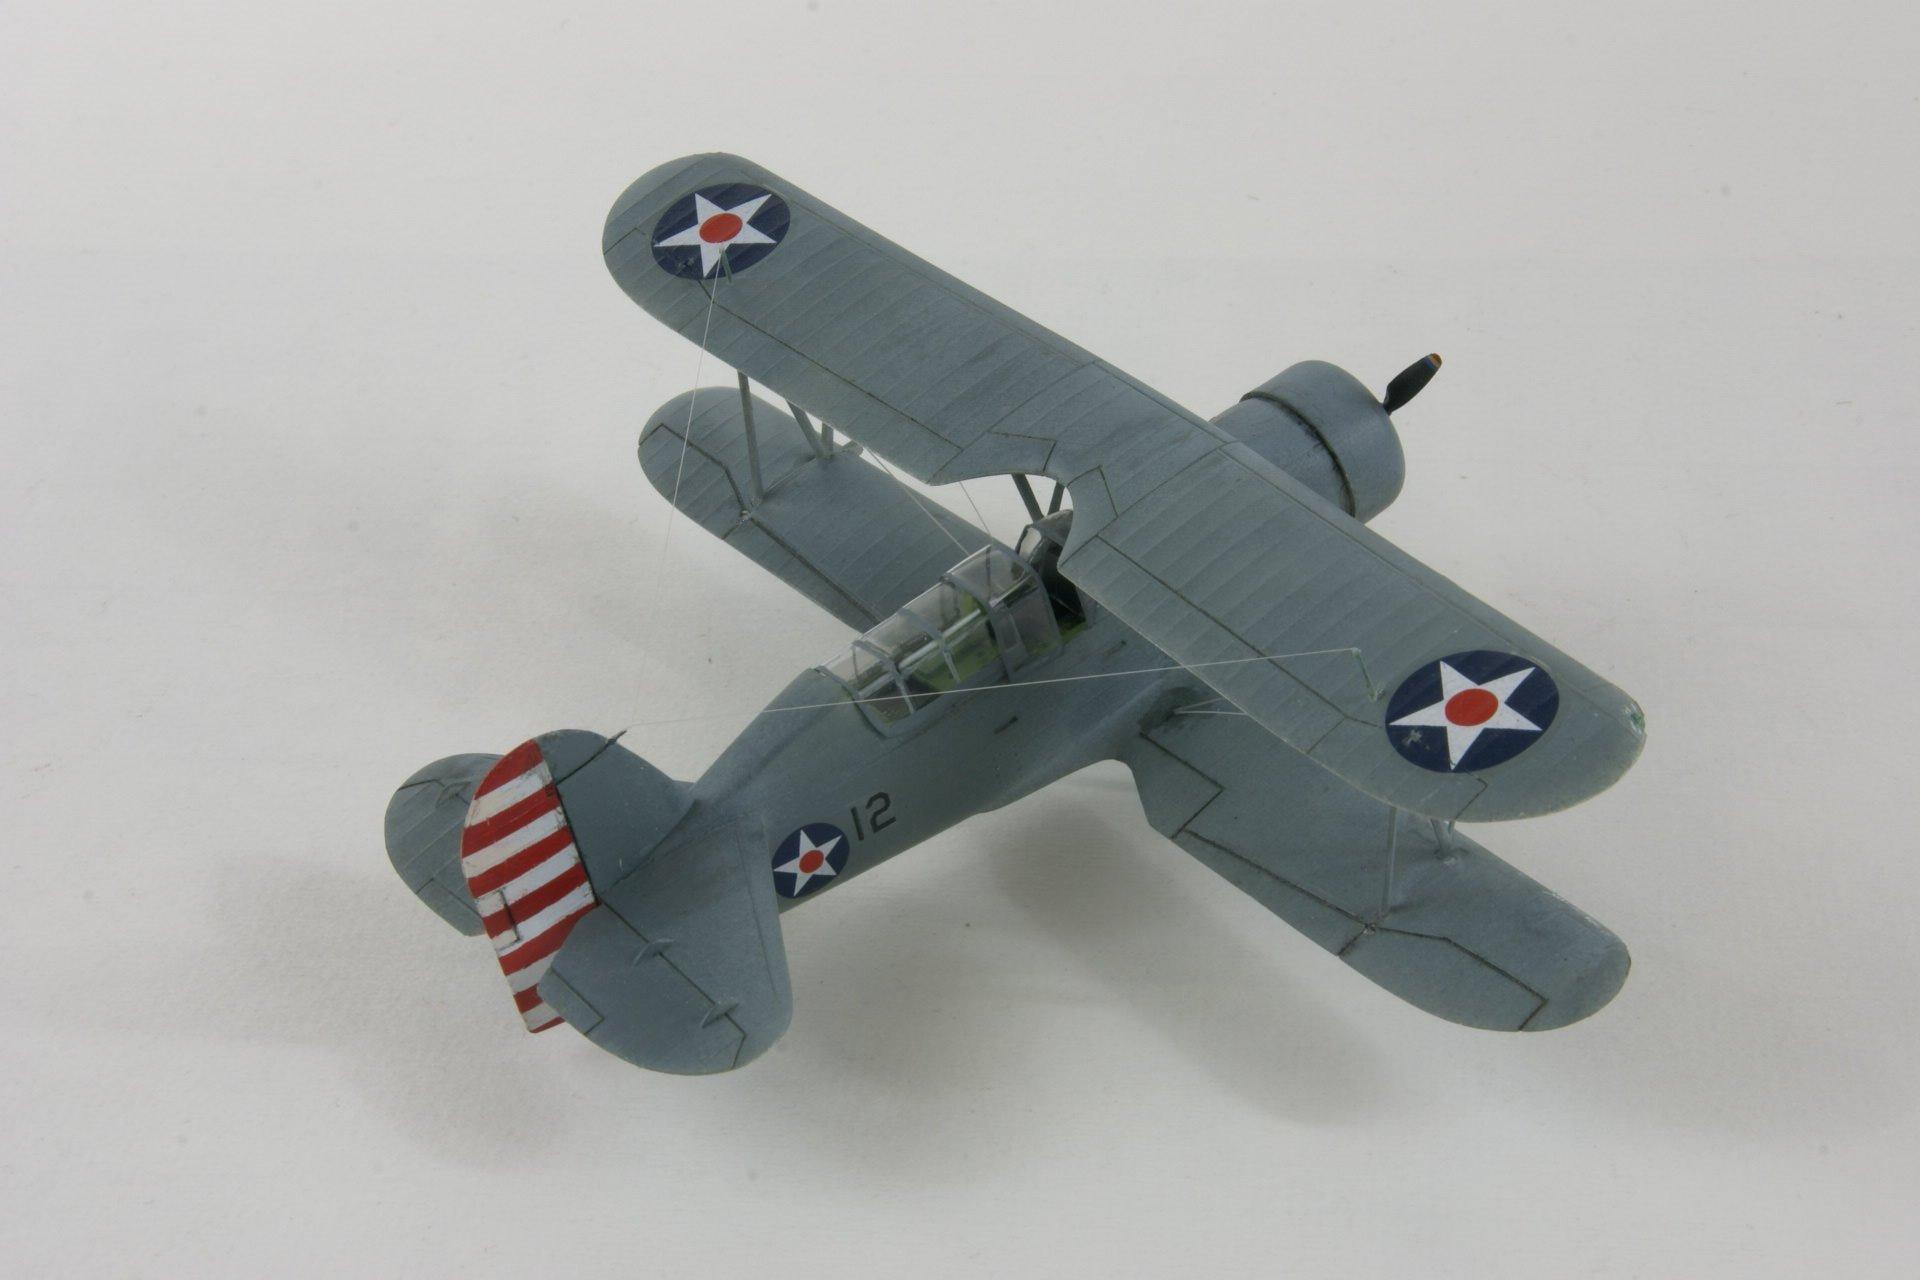 Curtiss soc 3a seagull 3